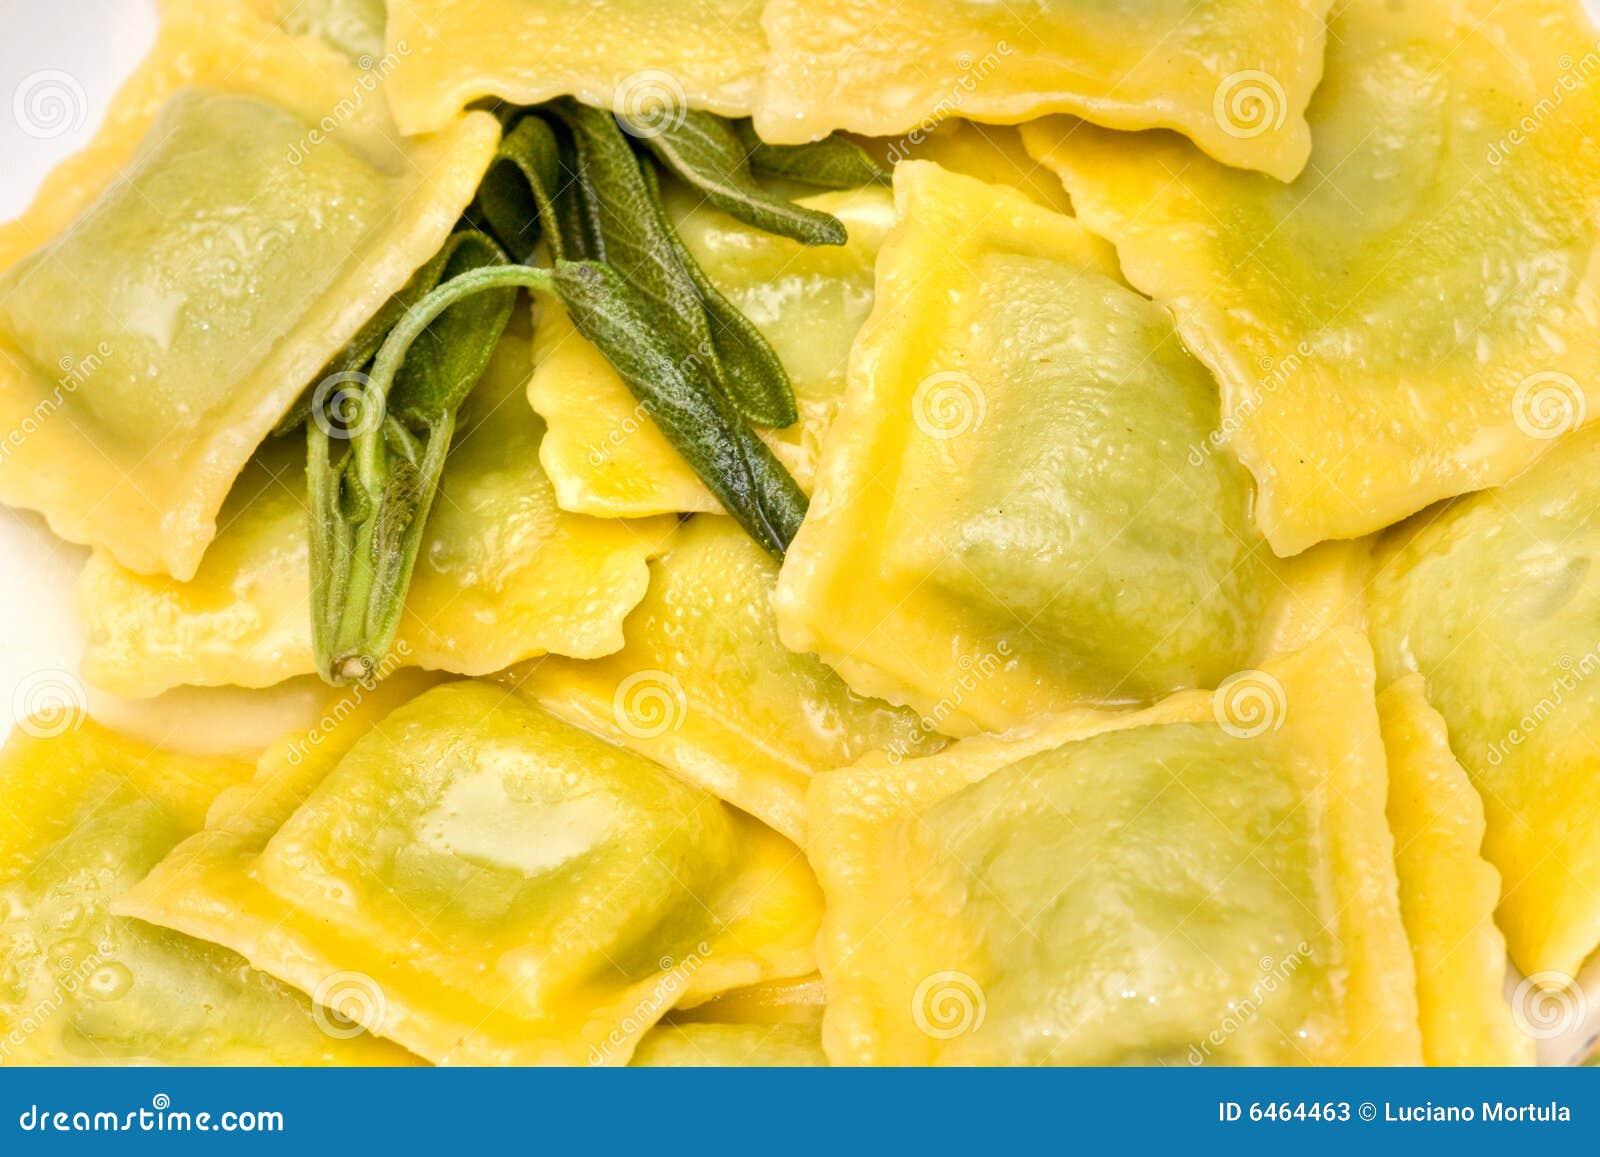 Masło jest pierożka szpinak sera